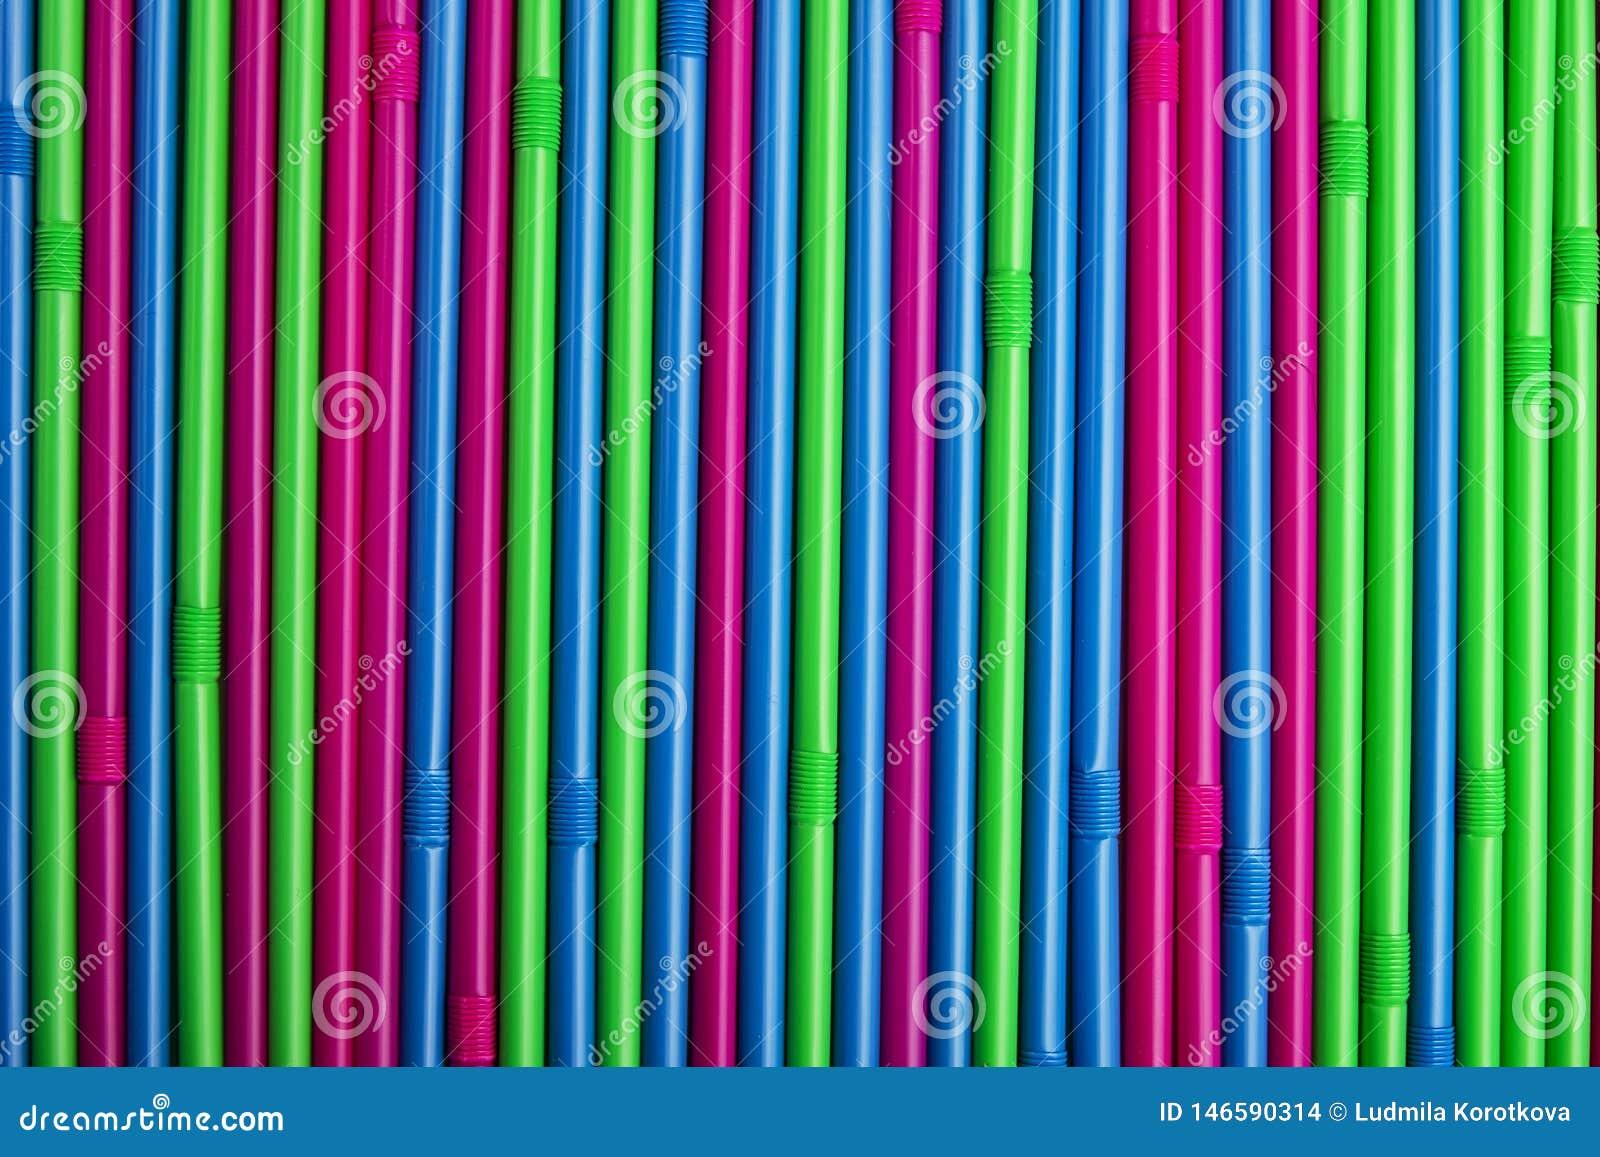 五颜六色的吸管